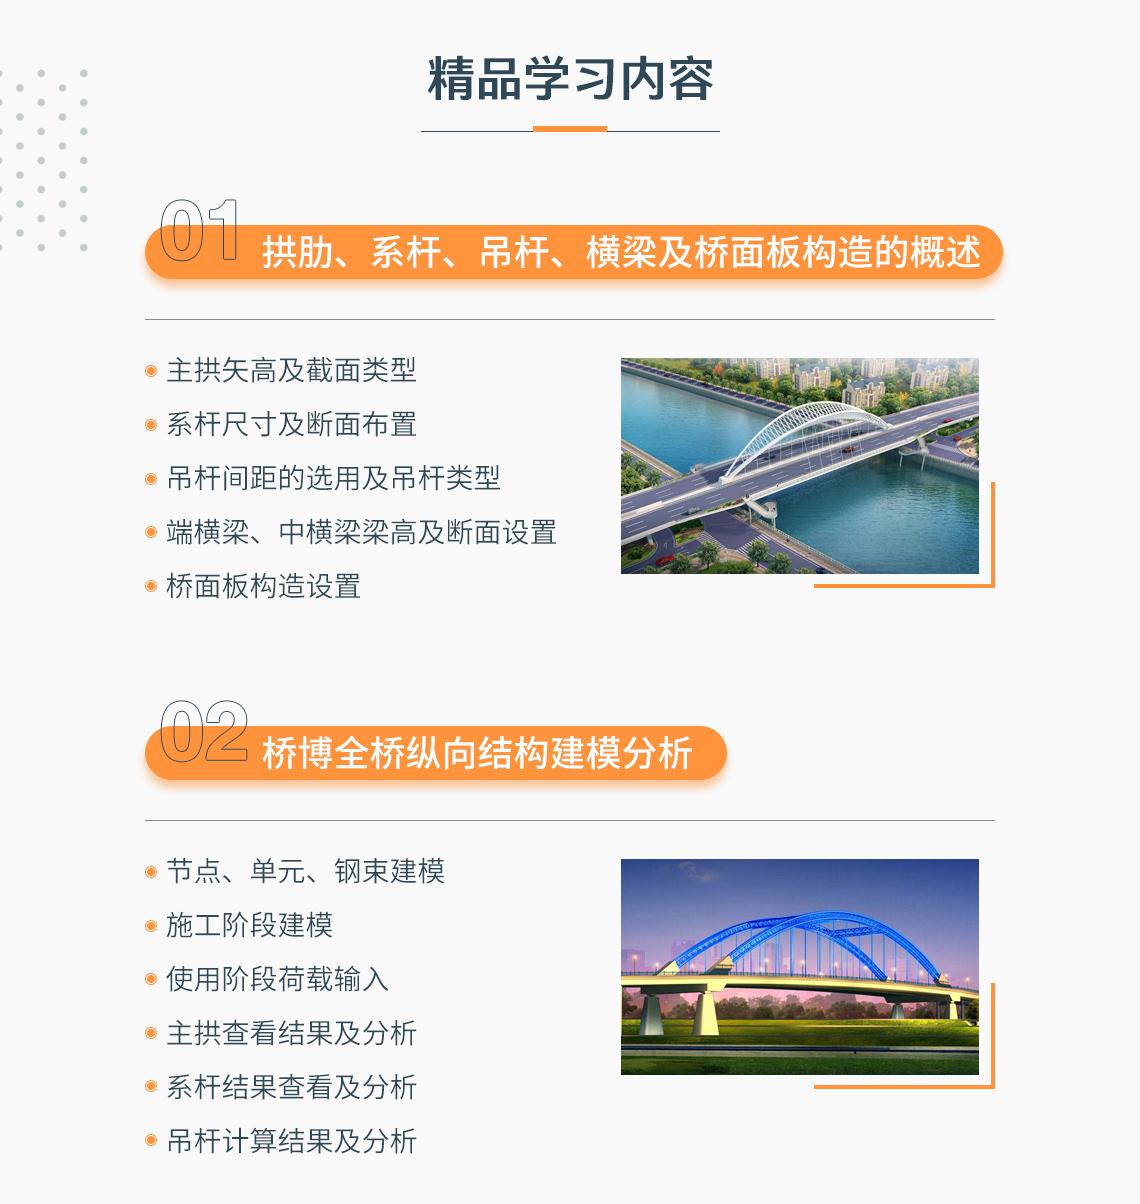 拱桥设计课程,含拱桥拱肋、系杆、吊杆、横梁及桥面板构造的概述;桥博建模全过程。